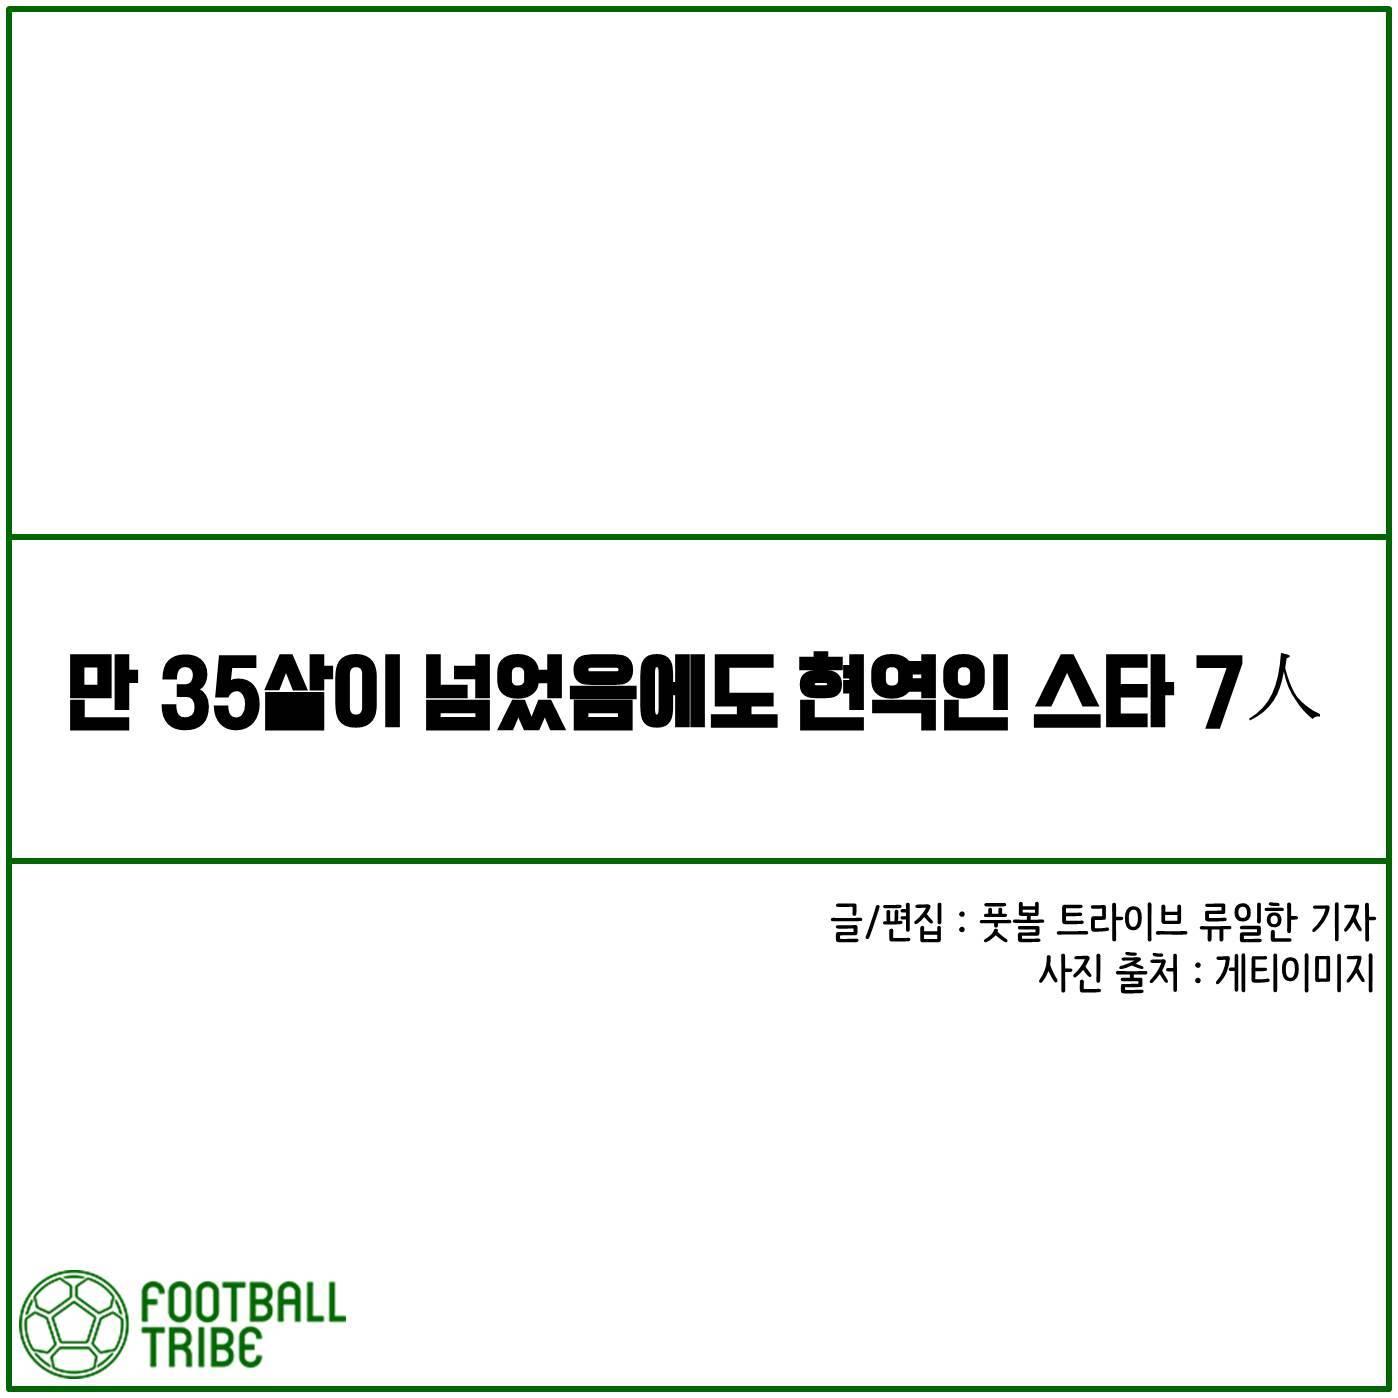 [카드 뉴스] 만 35살이 넘었음에도 현역인 스타 7人